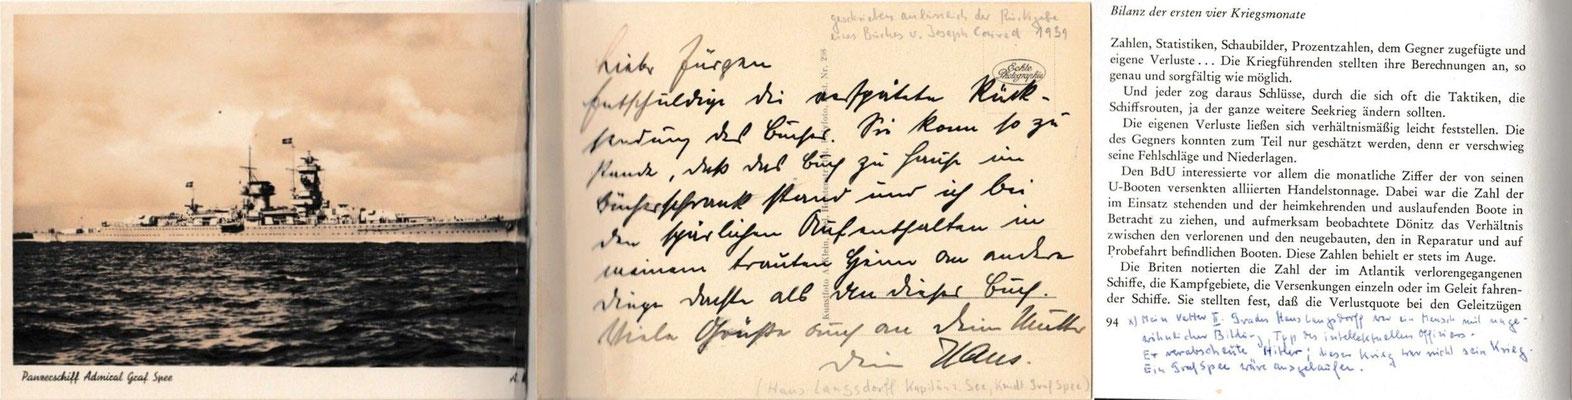 """Die Grußkarte mit der Abbildung der """"Graf Spee"""", mit persönlichen Worten von Hans Langsdorff und der Kommentar - 1939."""